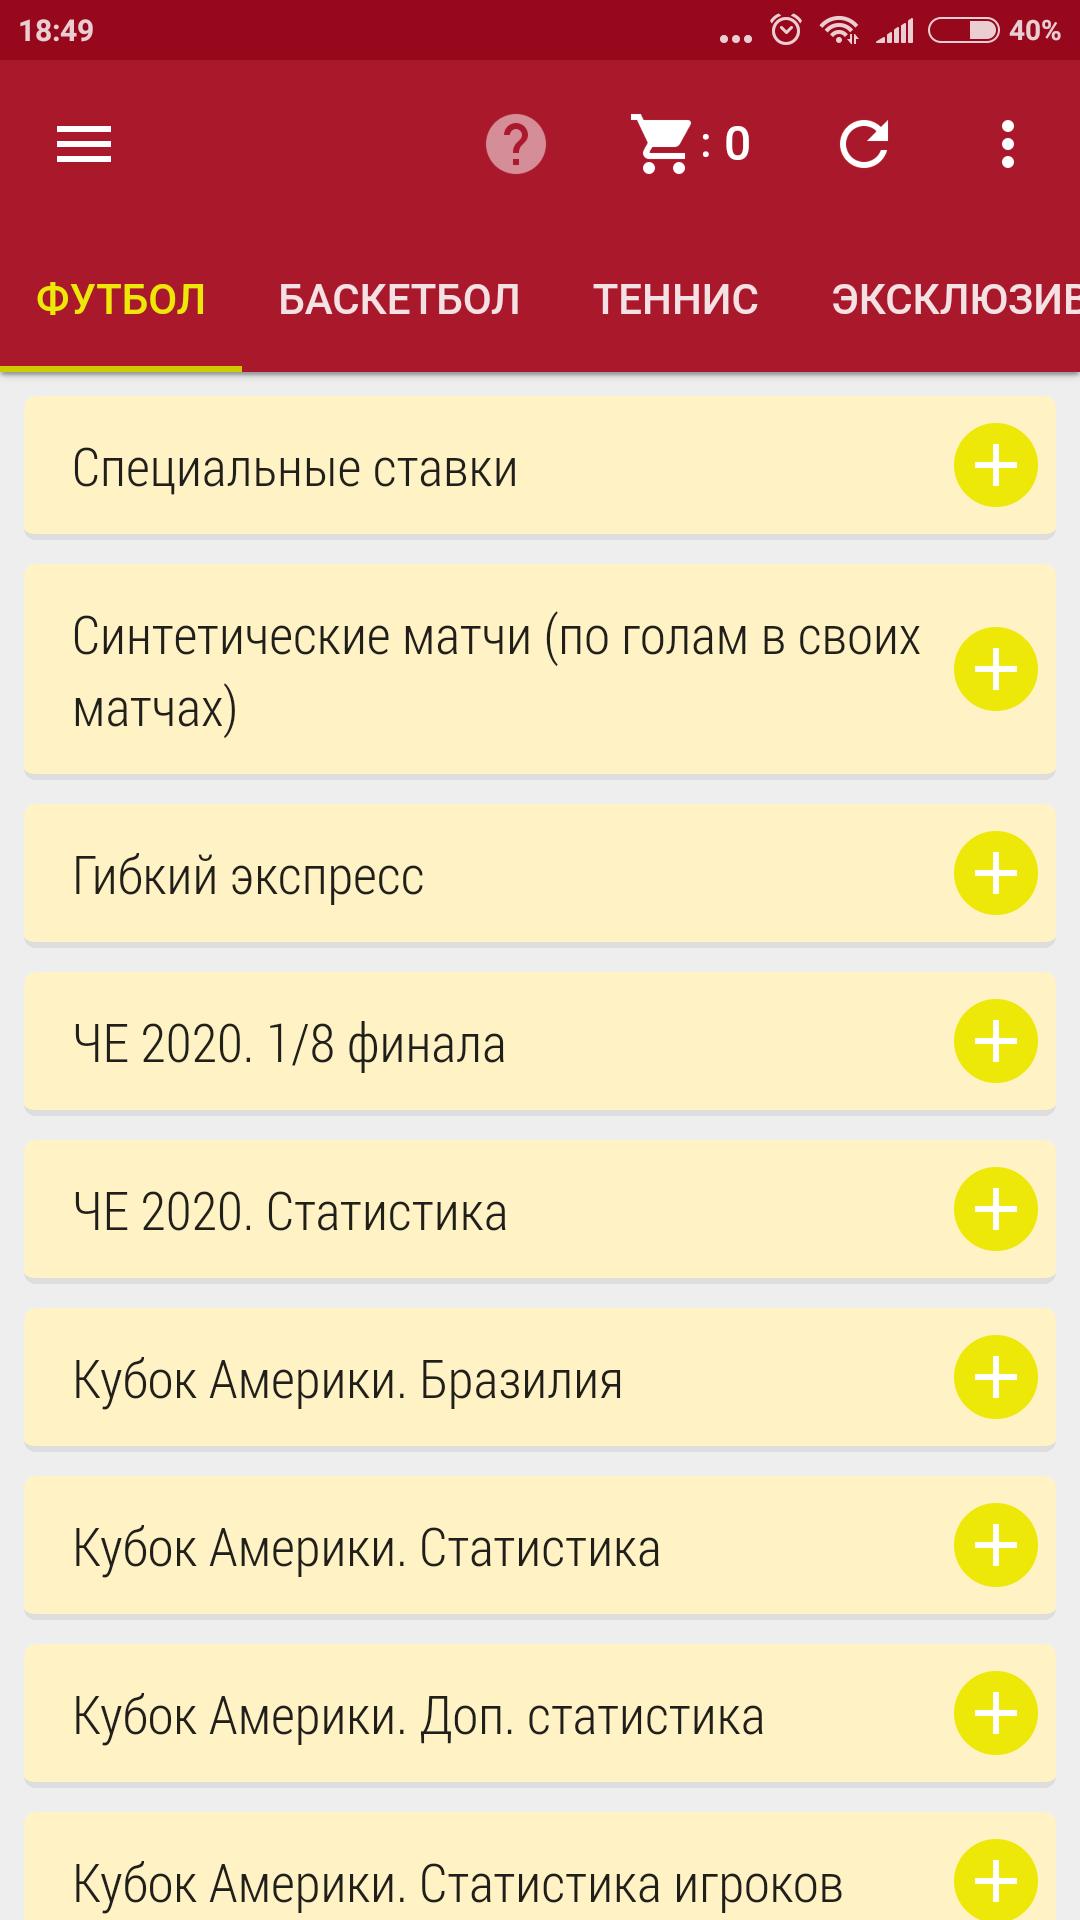 Интерфейс приложения Tennisi для Android